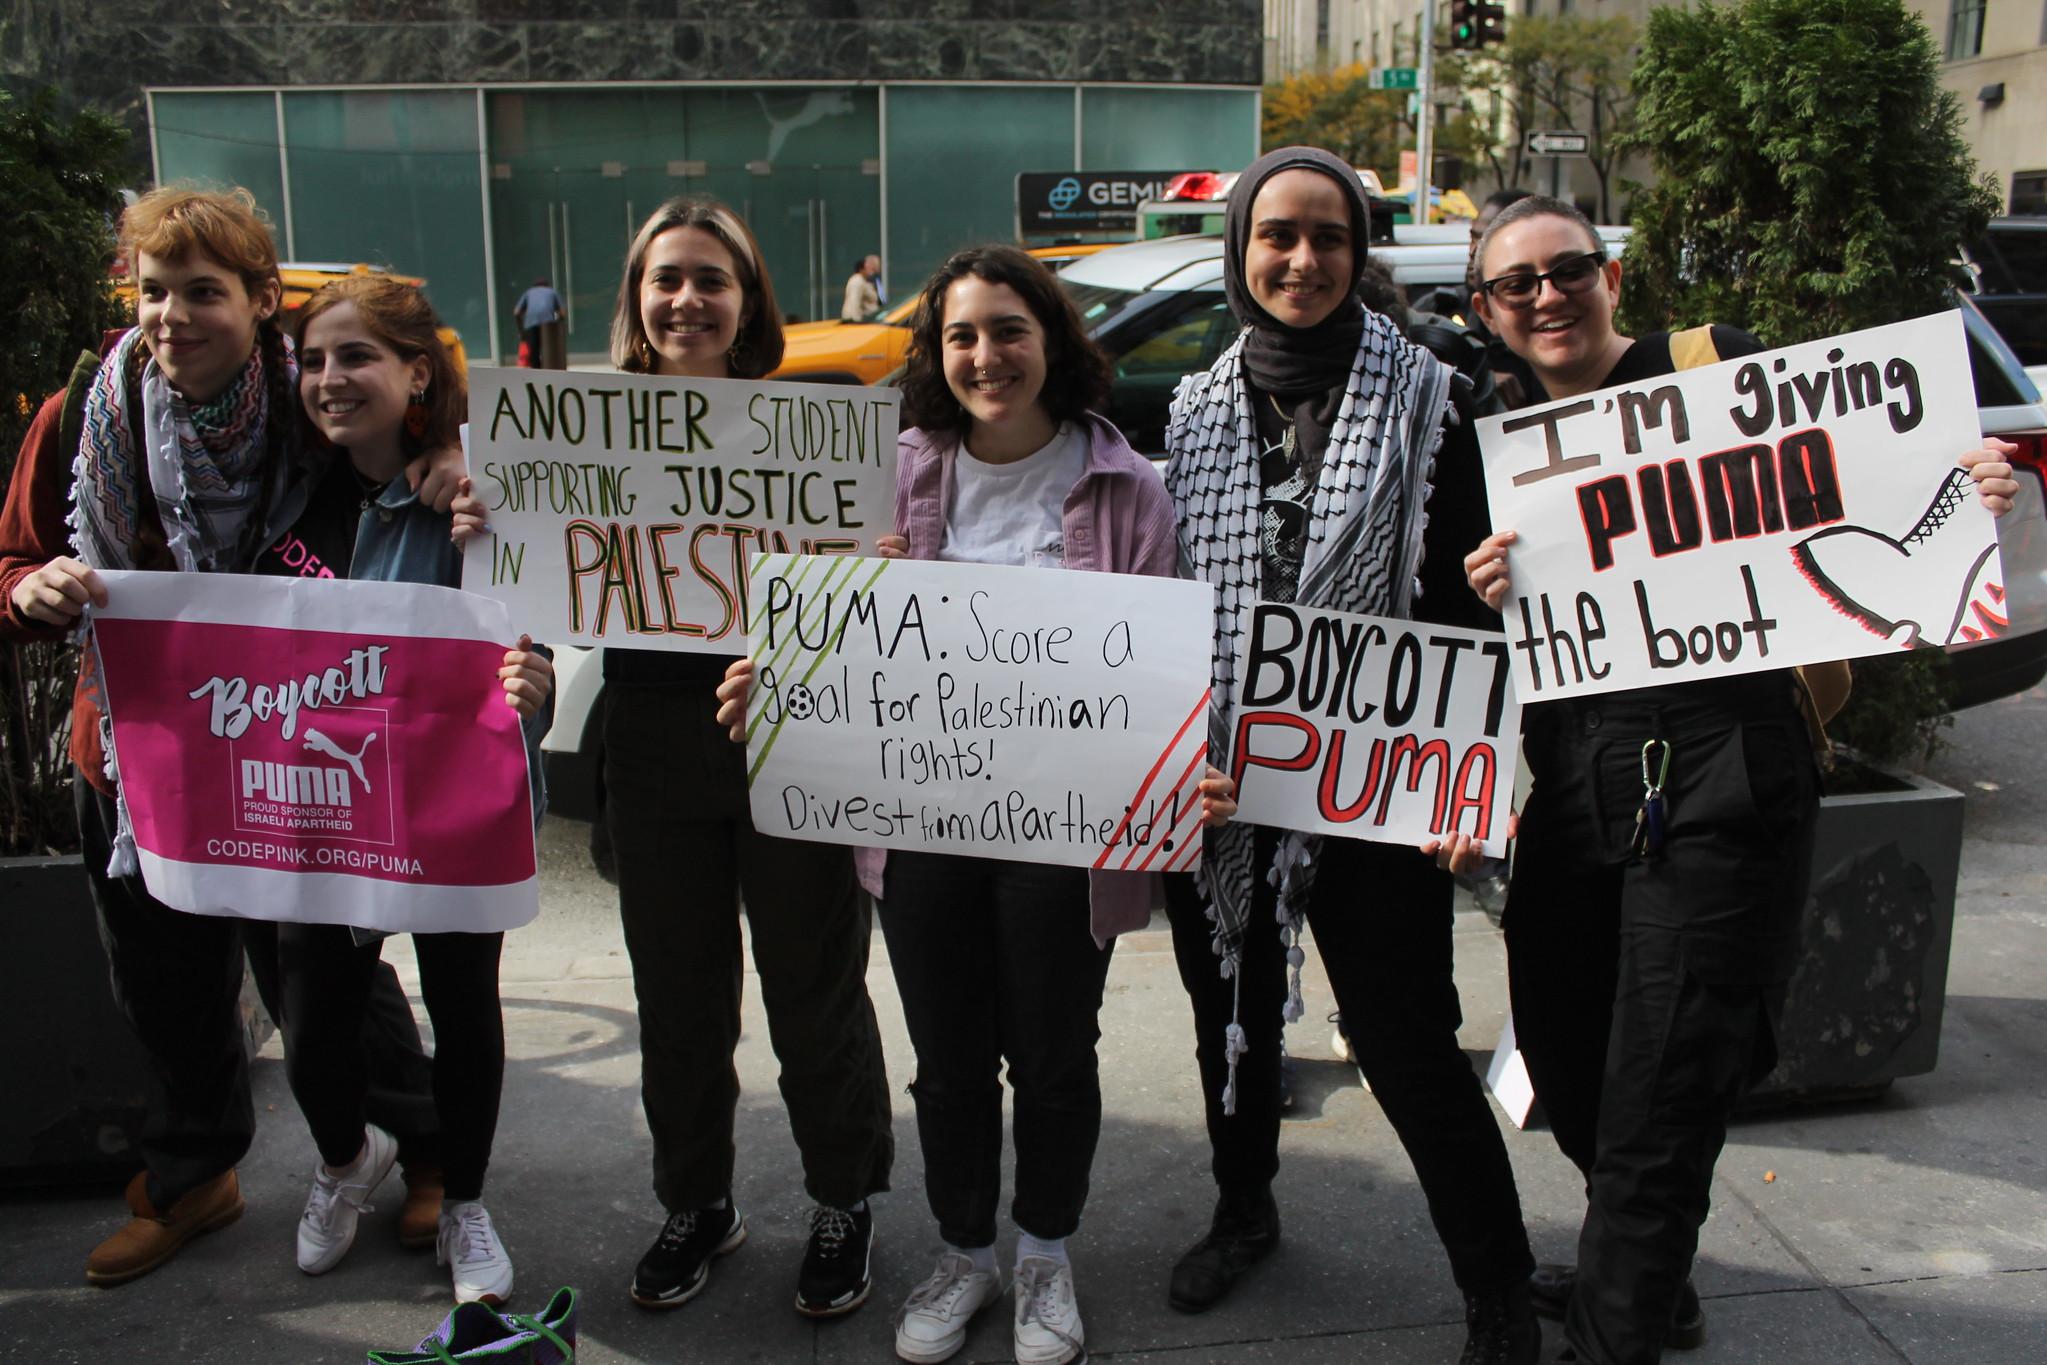 maailma.net: Protestiliike vaatii urheilutarvikejätti Pumaa luopumaan yhteistyöstä Israelin jalkapalloliiton kanssa